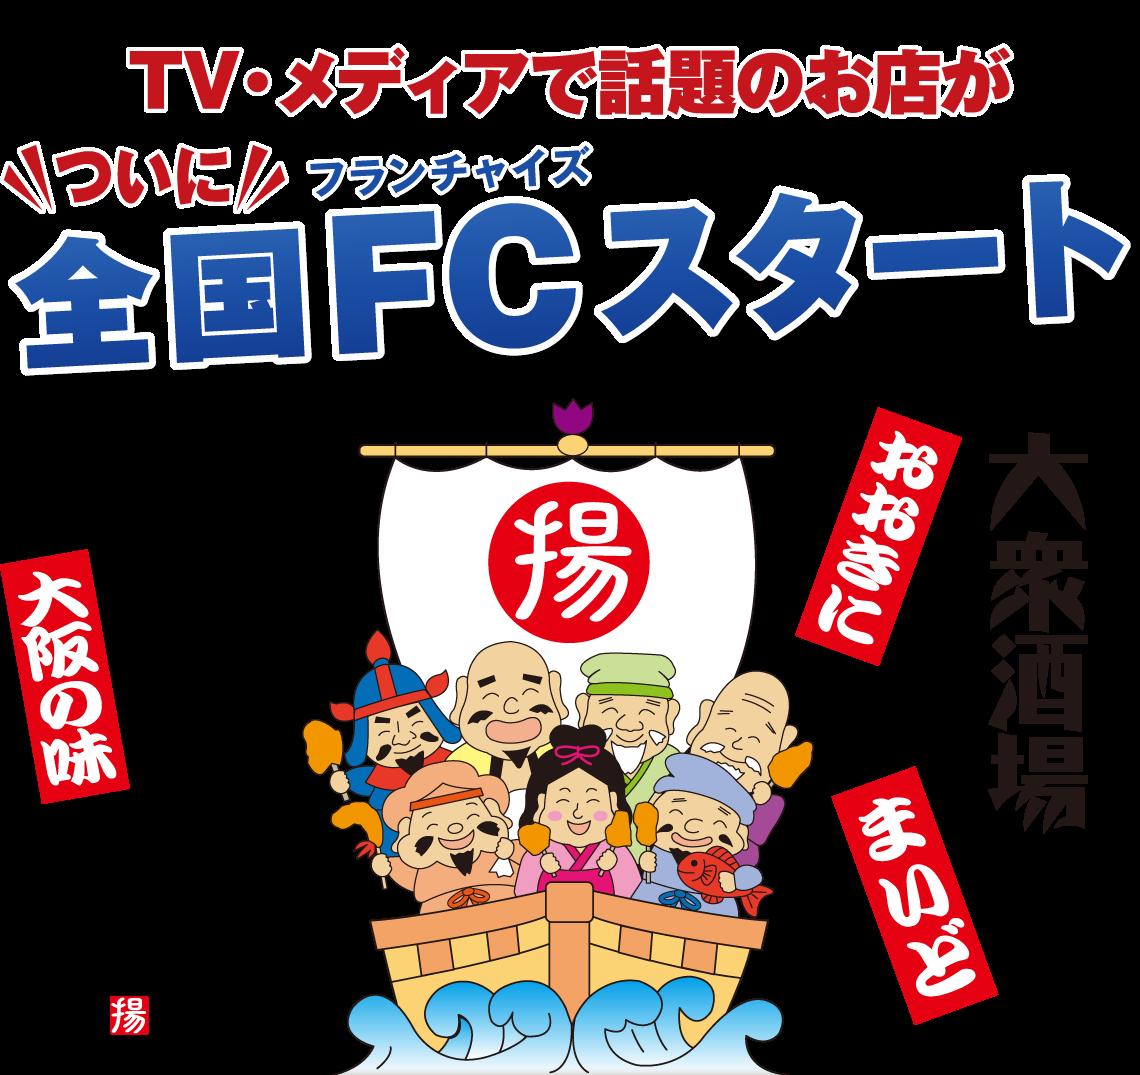 TV・メディアで話題のお店がついに全国FCスタート